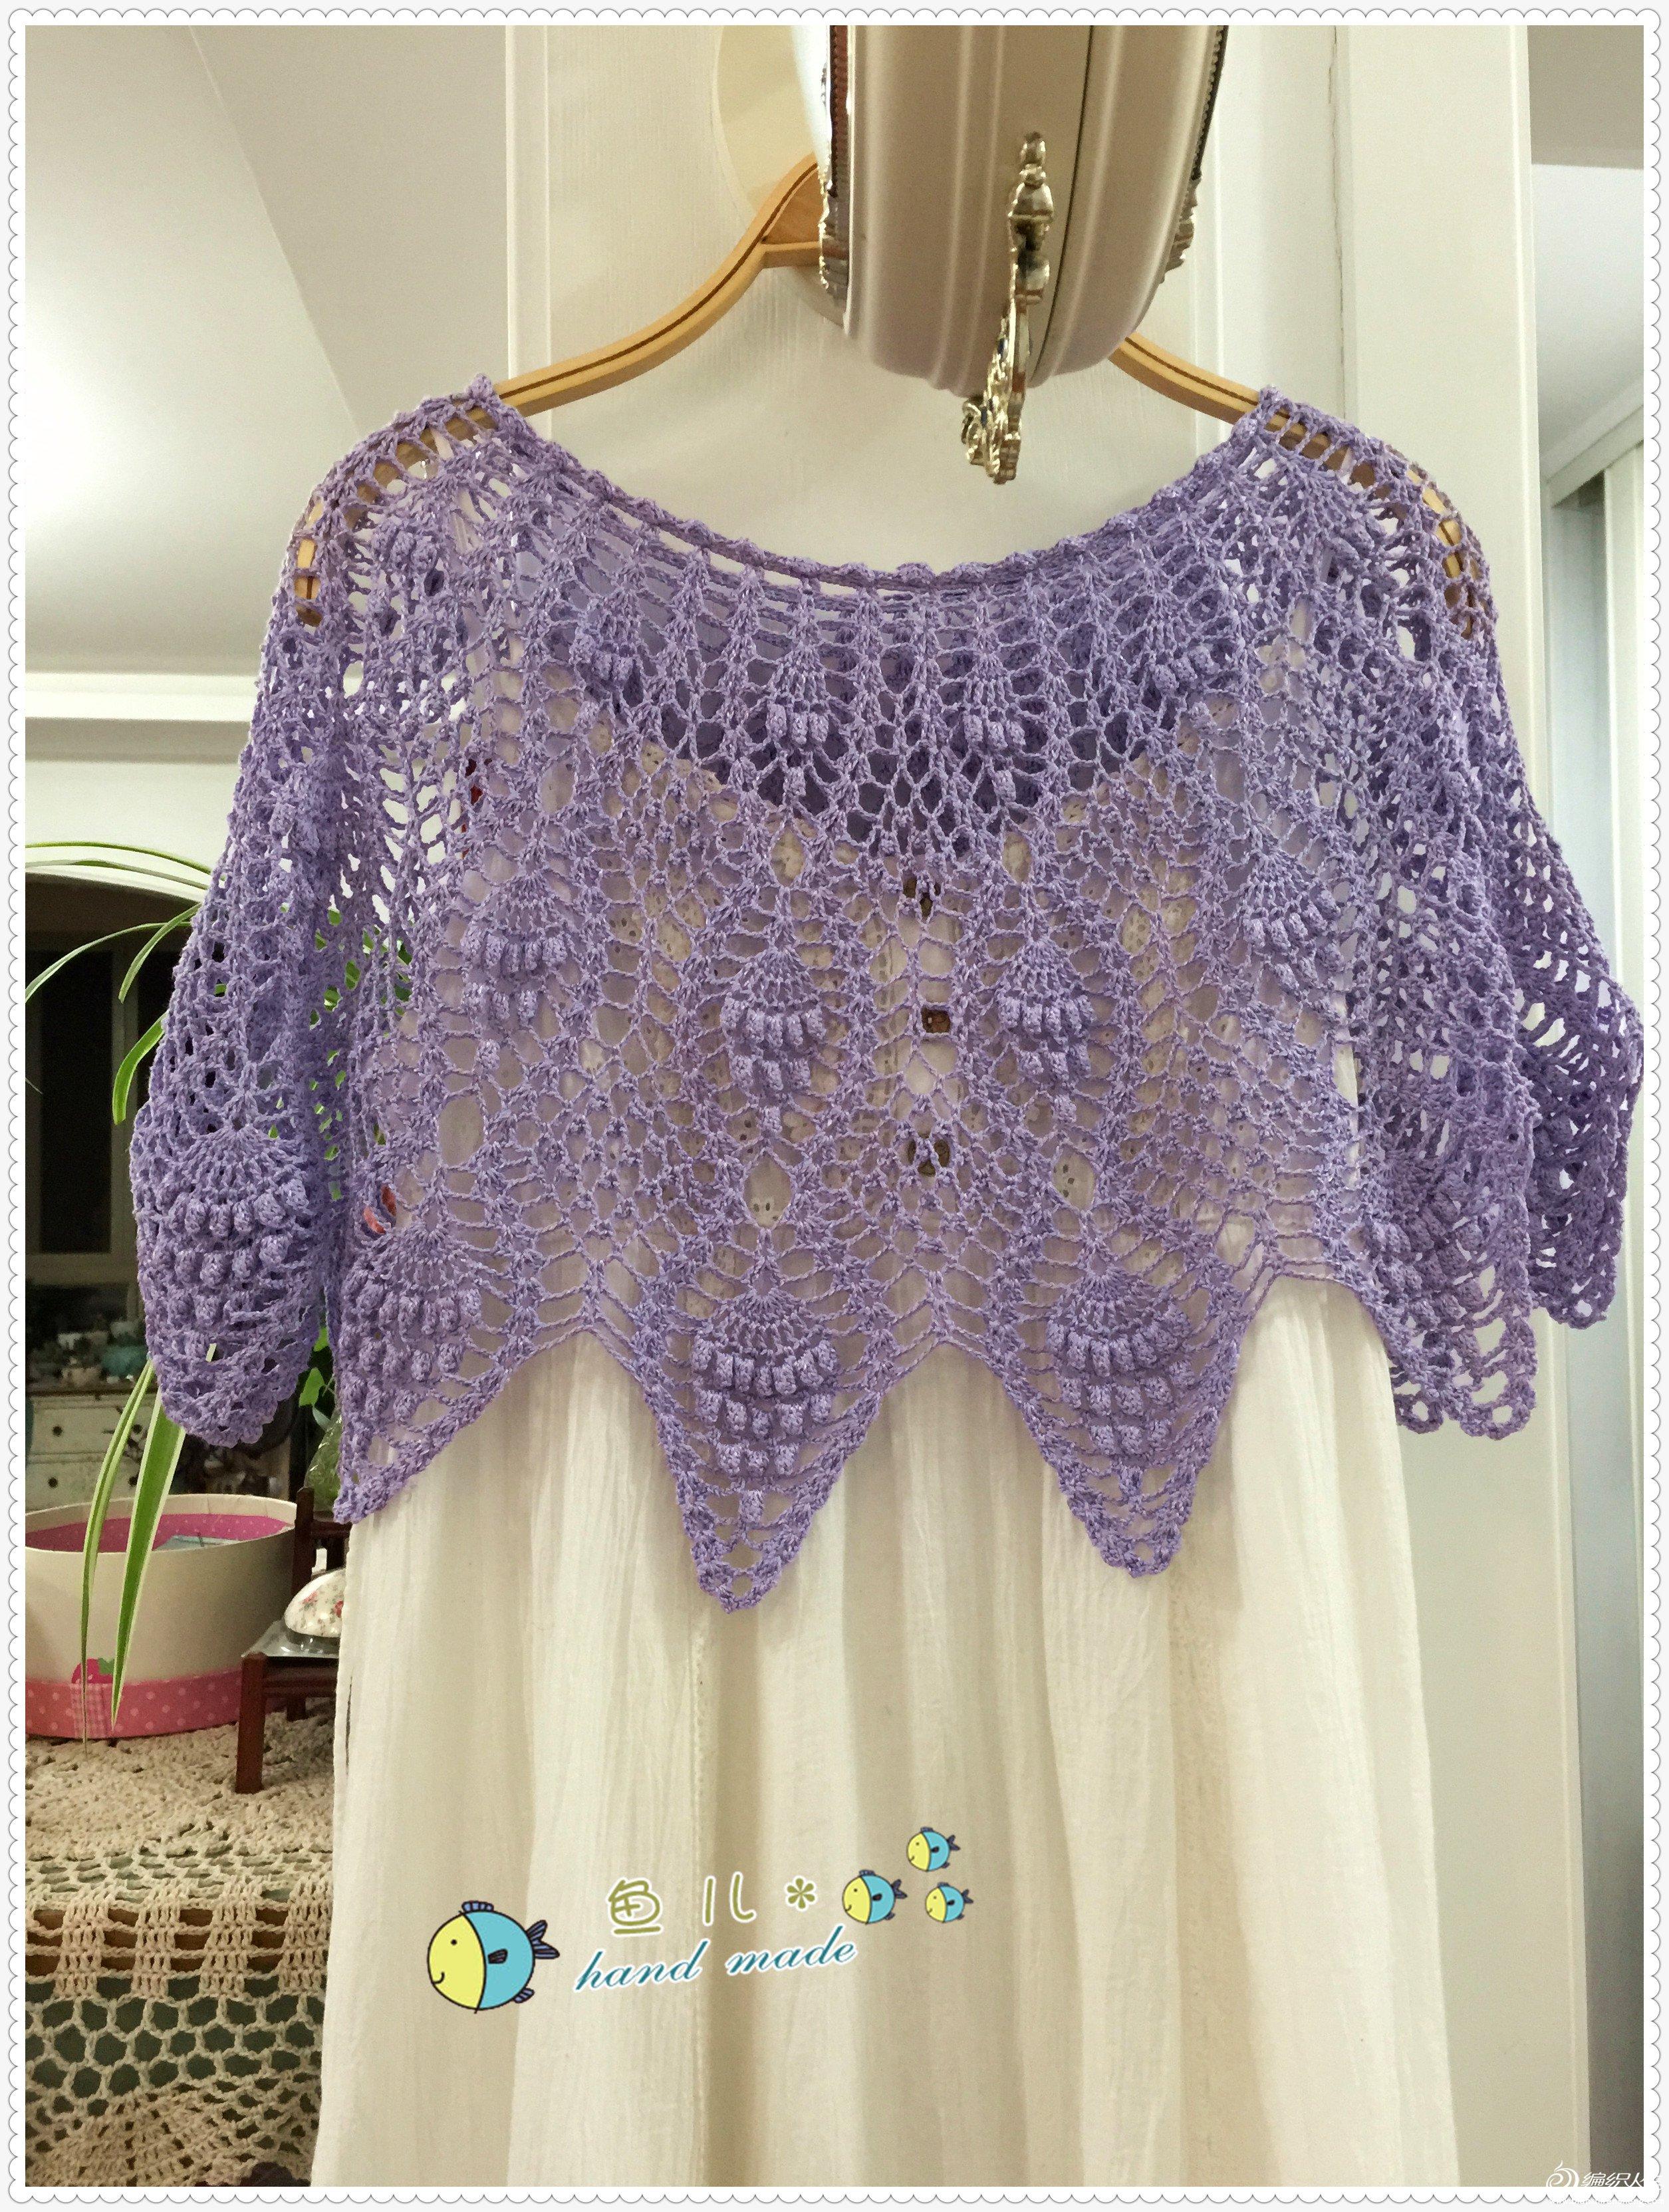 婚纱礼服披肩 镂空花三角菠萝花围巾 手工... _阿里巴巴找货神器